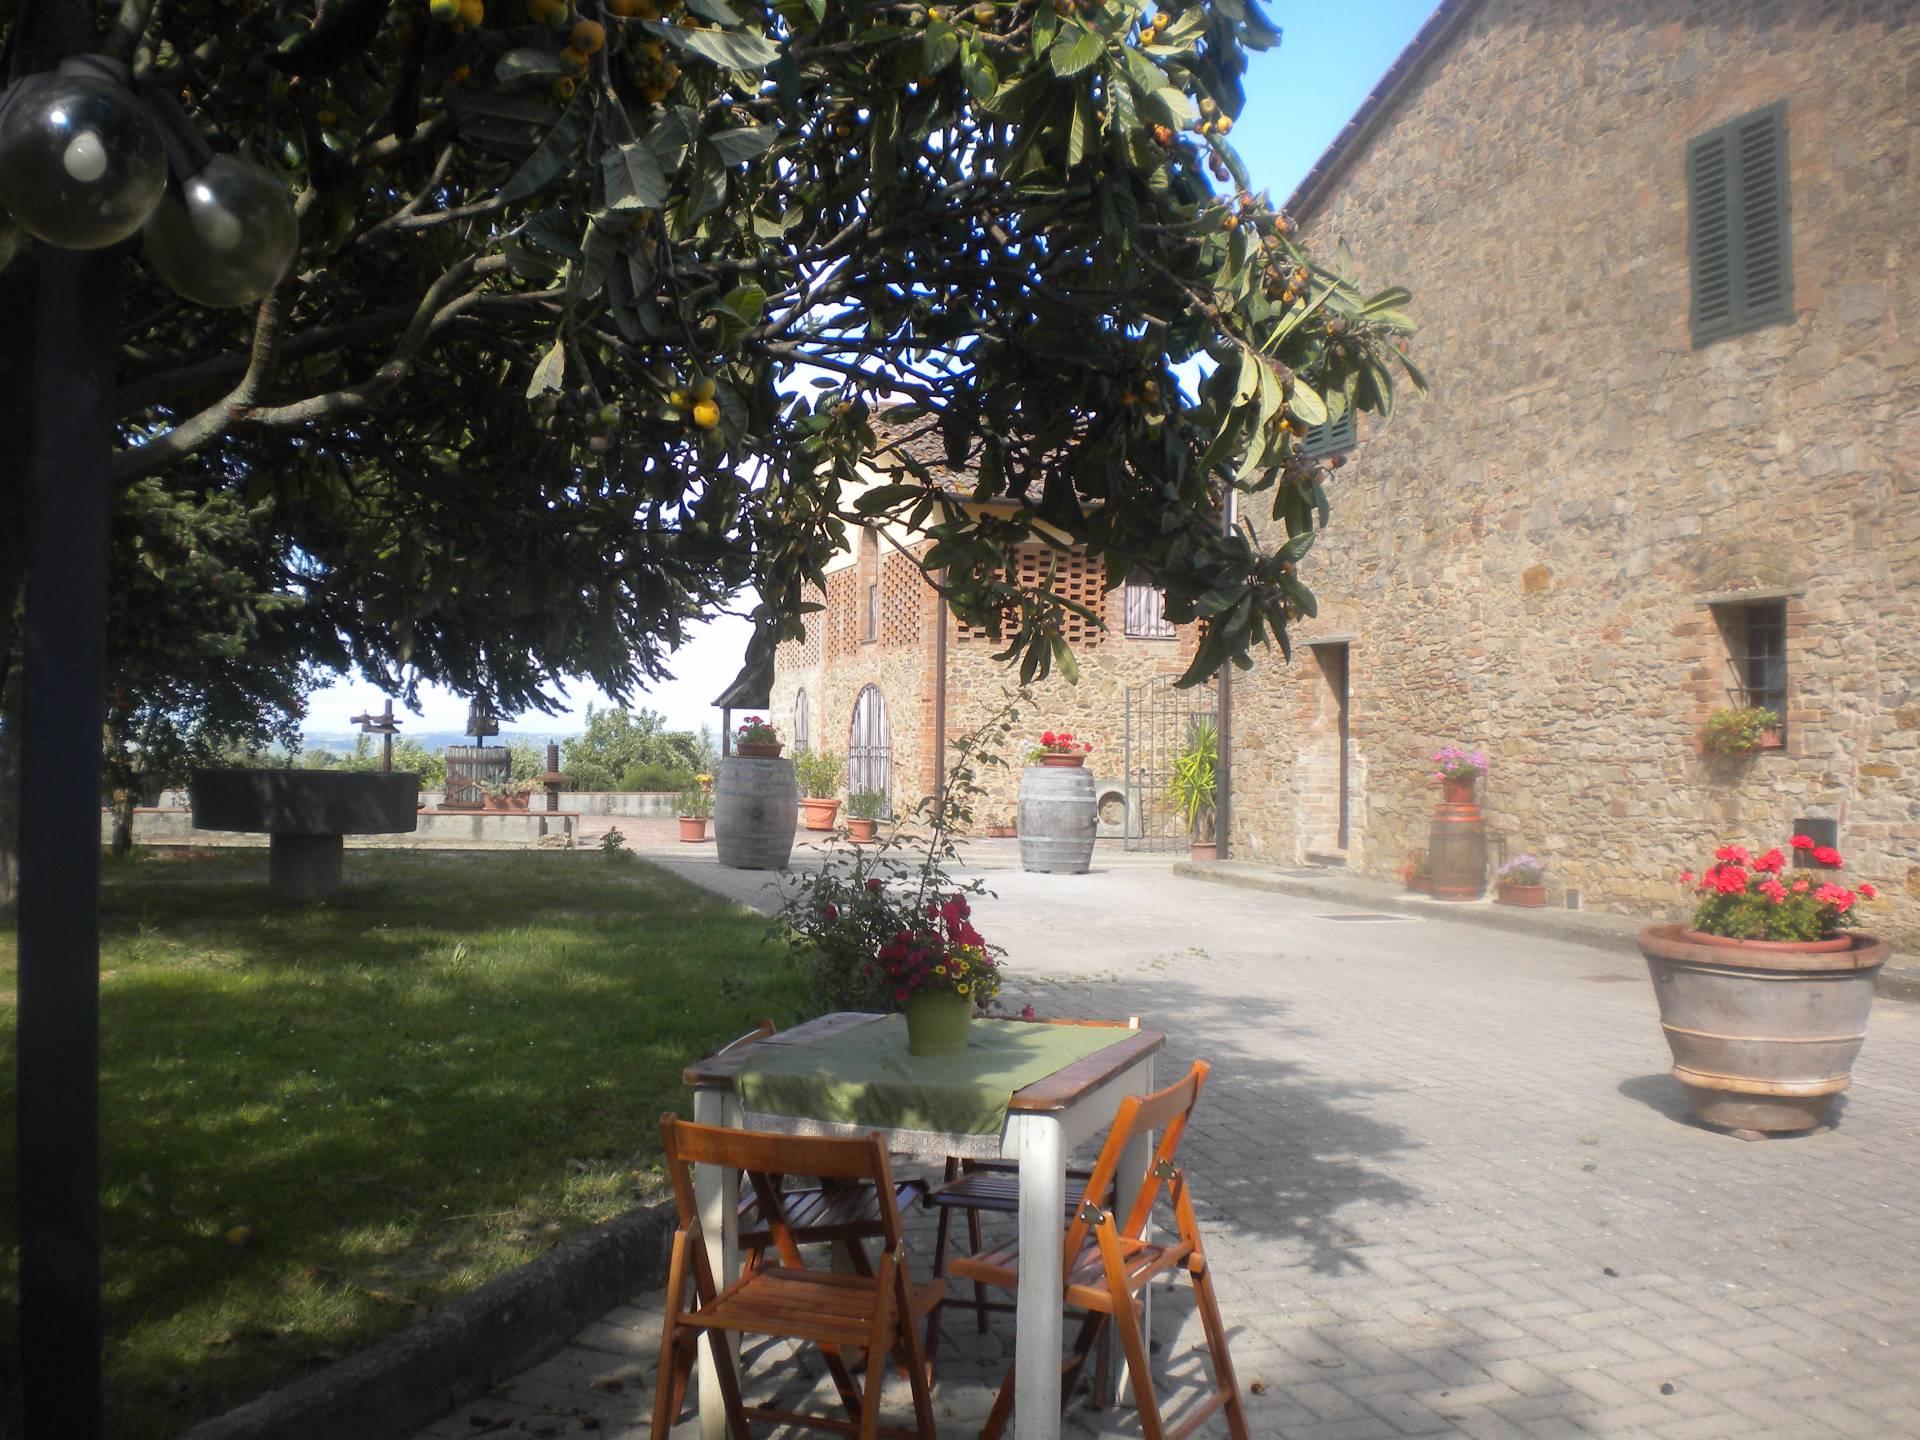 Appartamento in affitto a Gambassi Terme, 2 locali, zona Zona: Catignano, prezzo € 450 | Cambio Casa.it